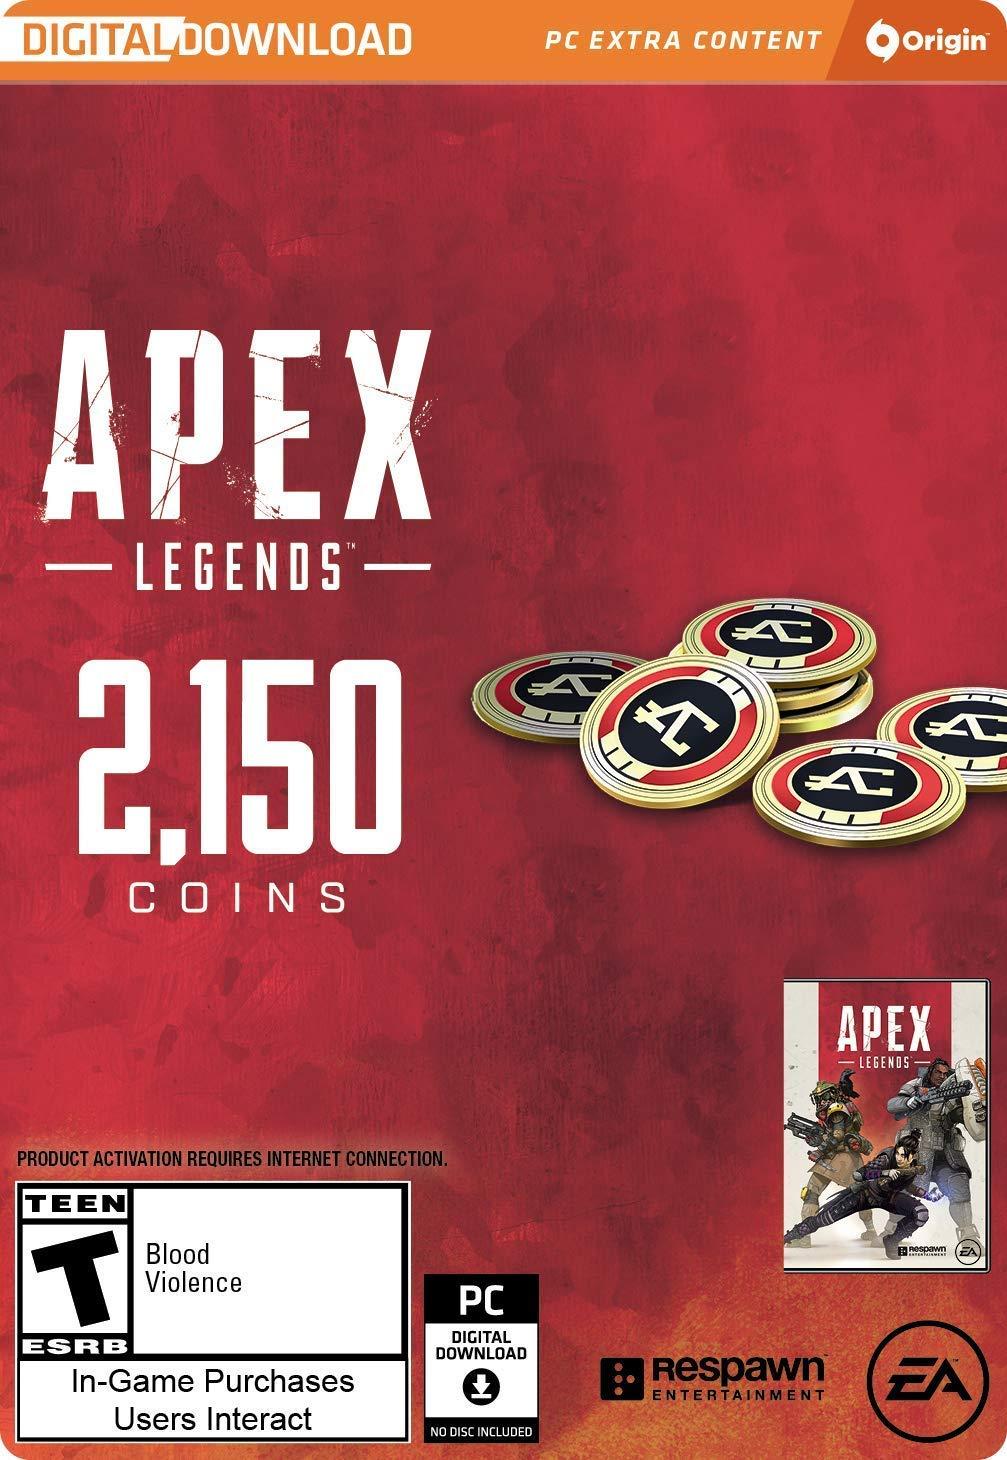 Apex Legends: 2150 coins Apex (Origin | Region Free) 2019